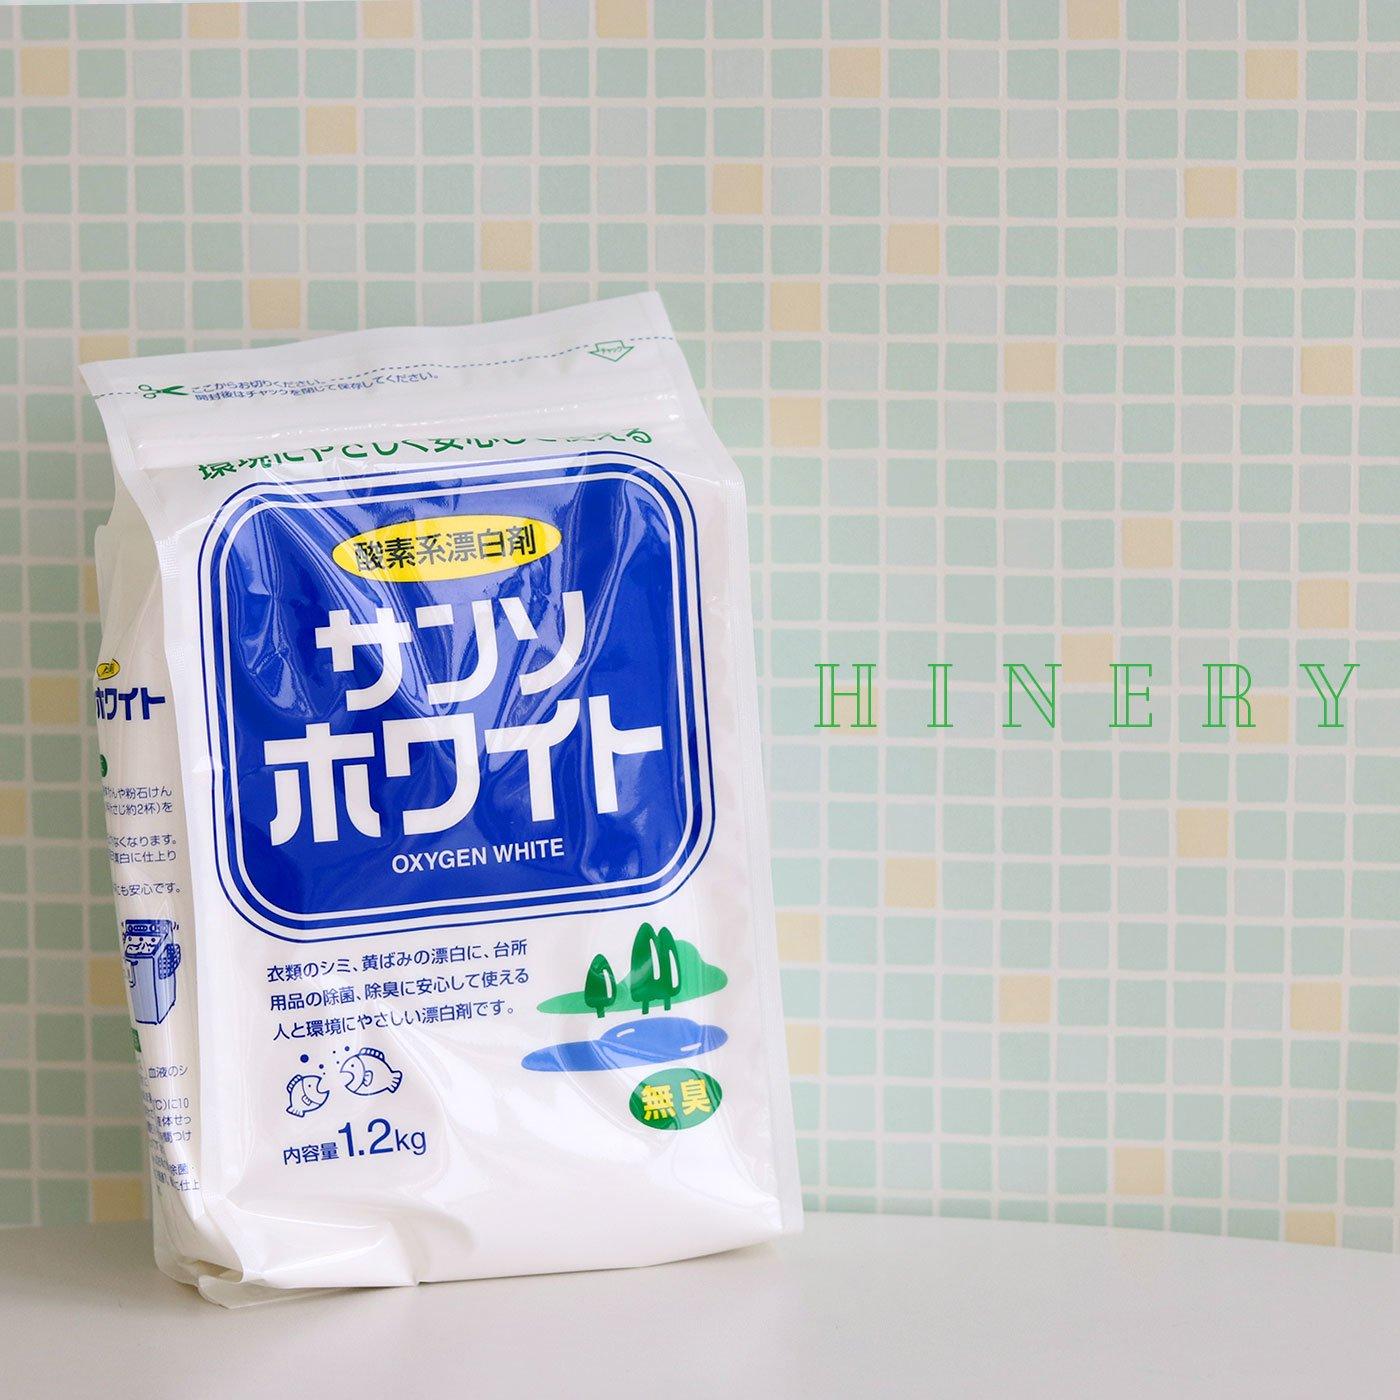 お洗濯にキッチンに 酸素系漂白剤サンソホワイト(過炭酸ナトリウム100%)